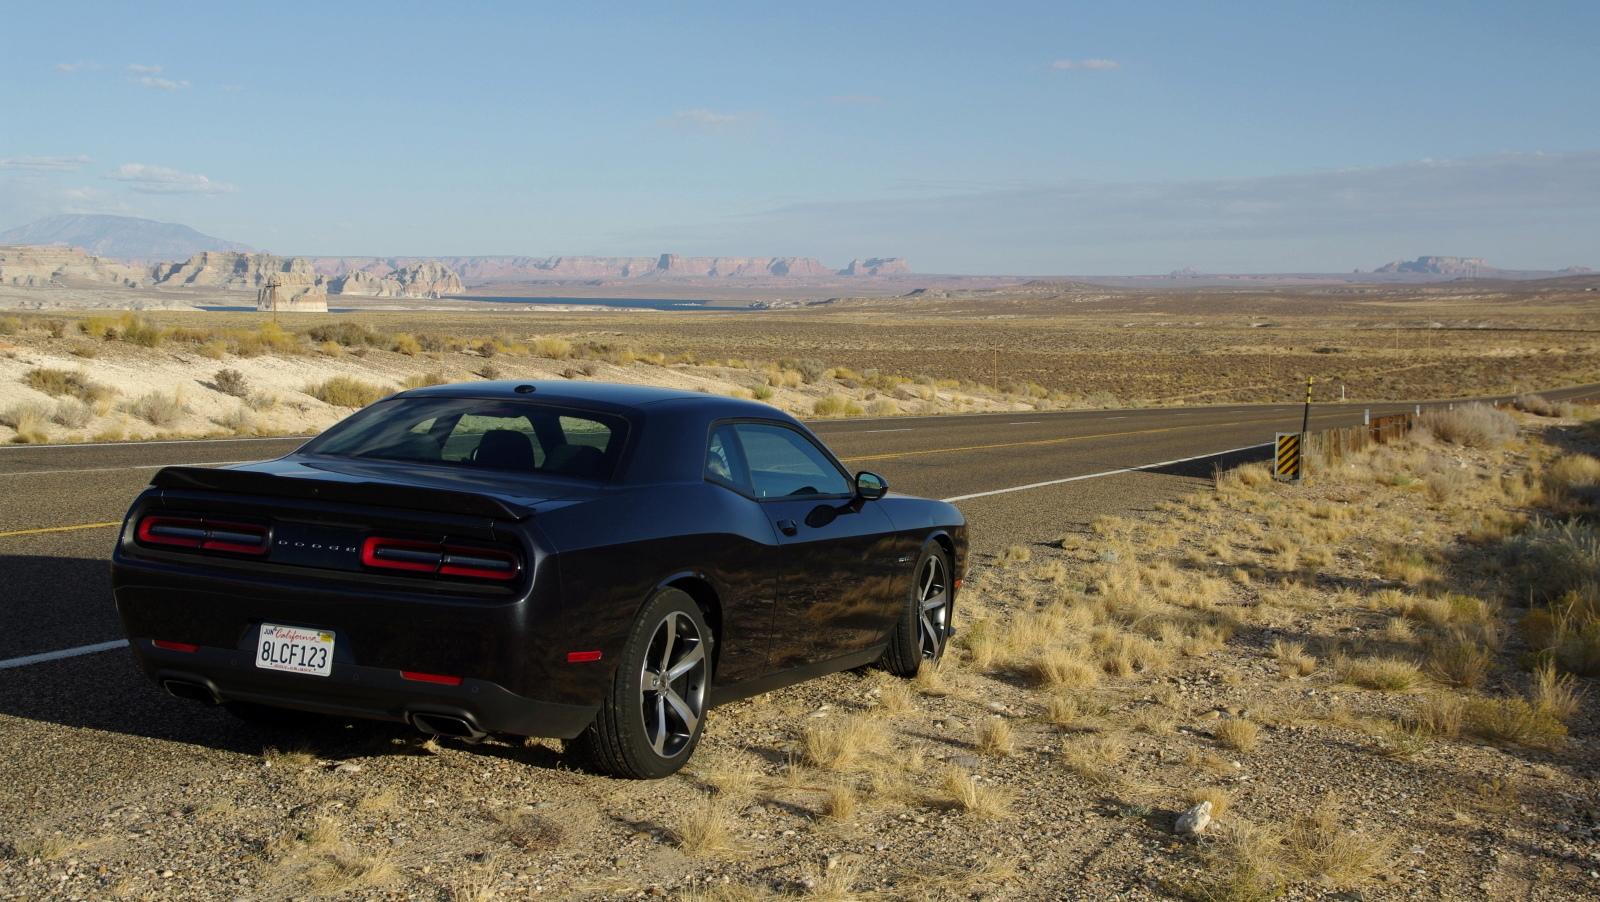 Road Trip / Ouest des USA en Challenger de location -Part II Imgpk230